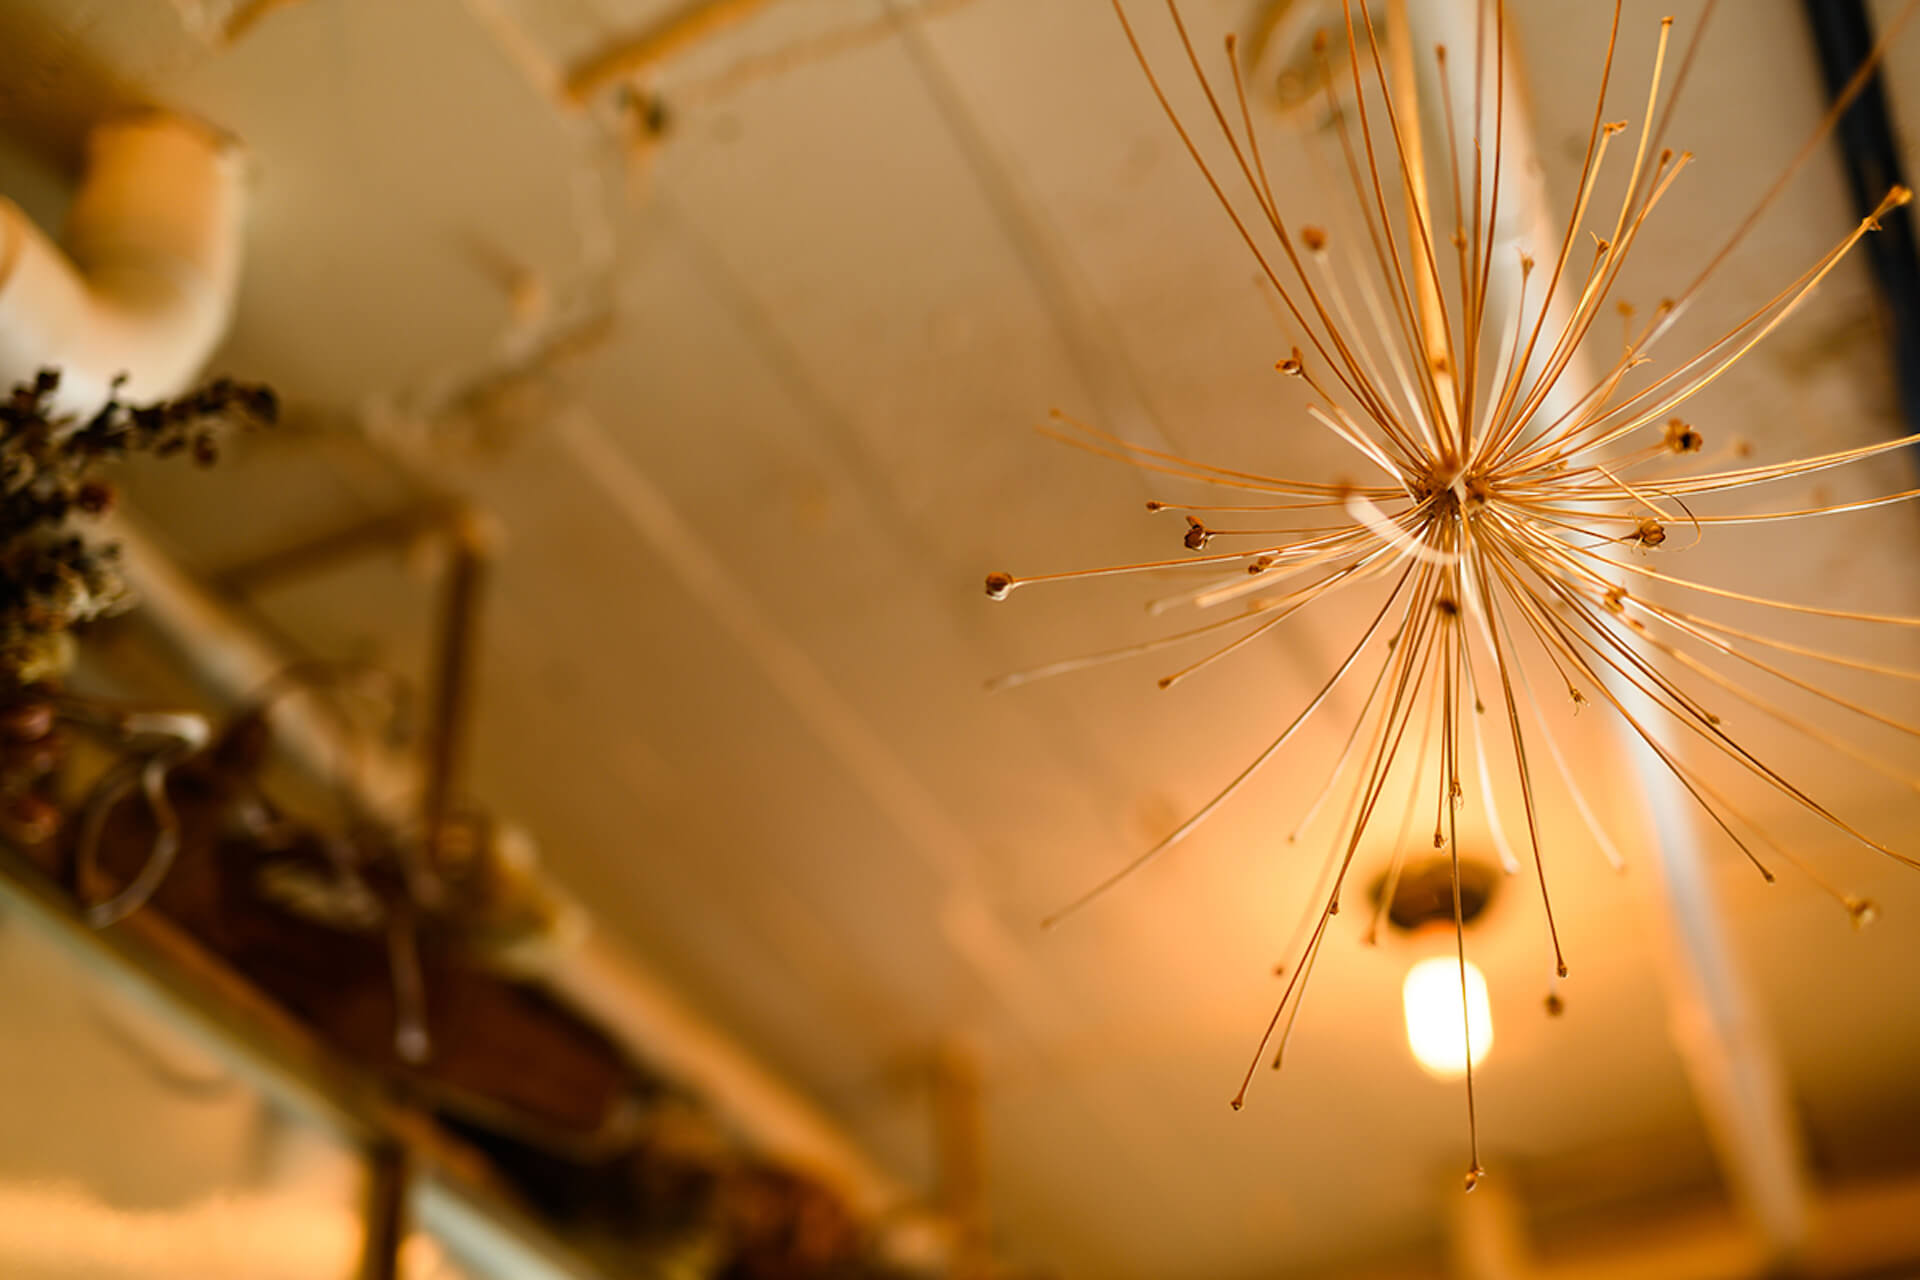 代々木上原の人気レストラン『sio』のオーナーシェフ鳥羽周作氏が語る、料理業界にかける熱い思い gourmet201119_mondoalfa_sio_2